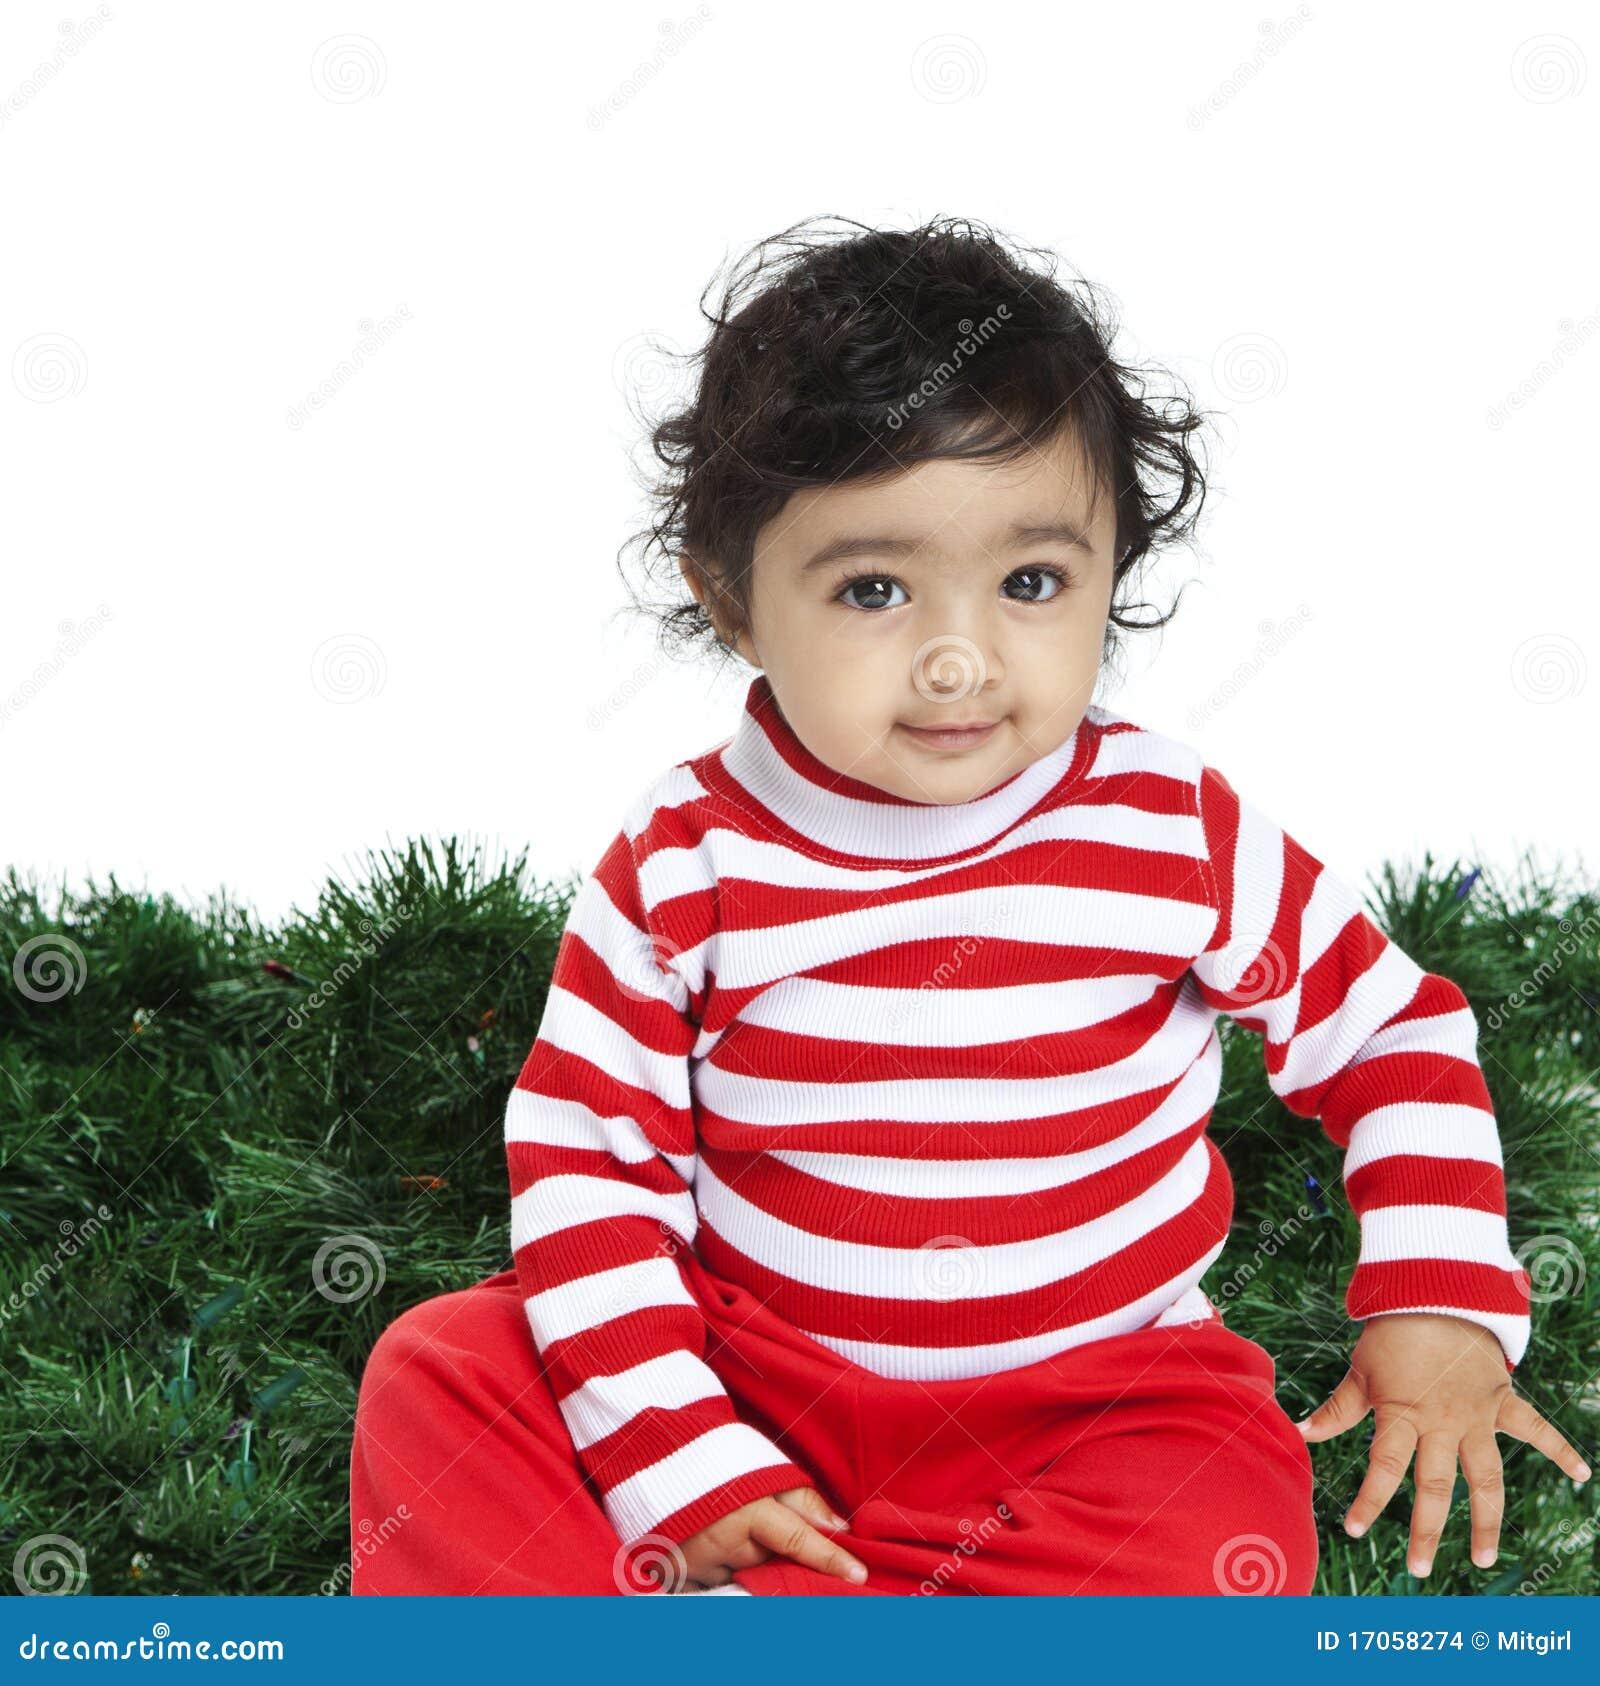 Χαριτωμένο κοριτσάκι μπροστά από μια ανασκόπηση Χριστουγέννων